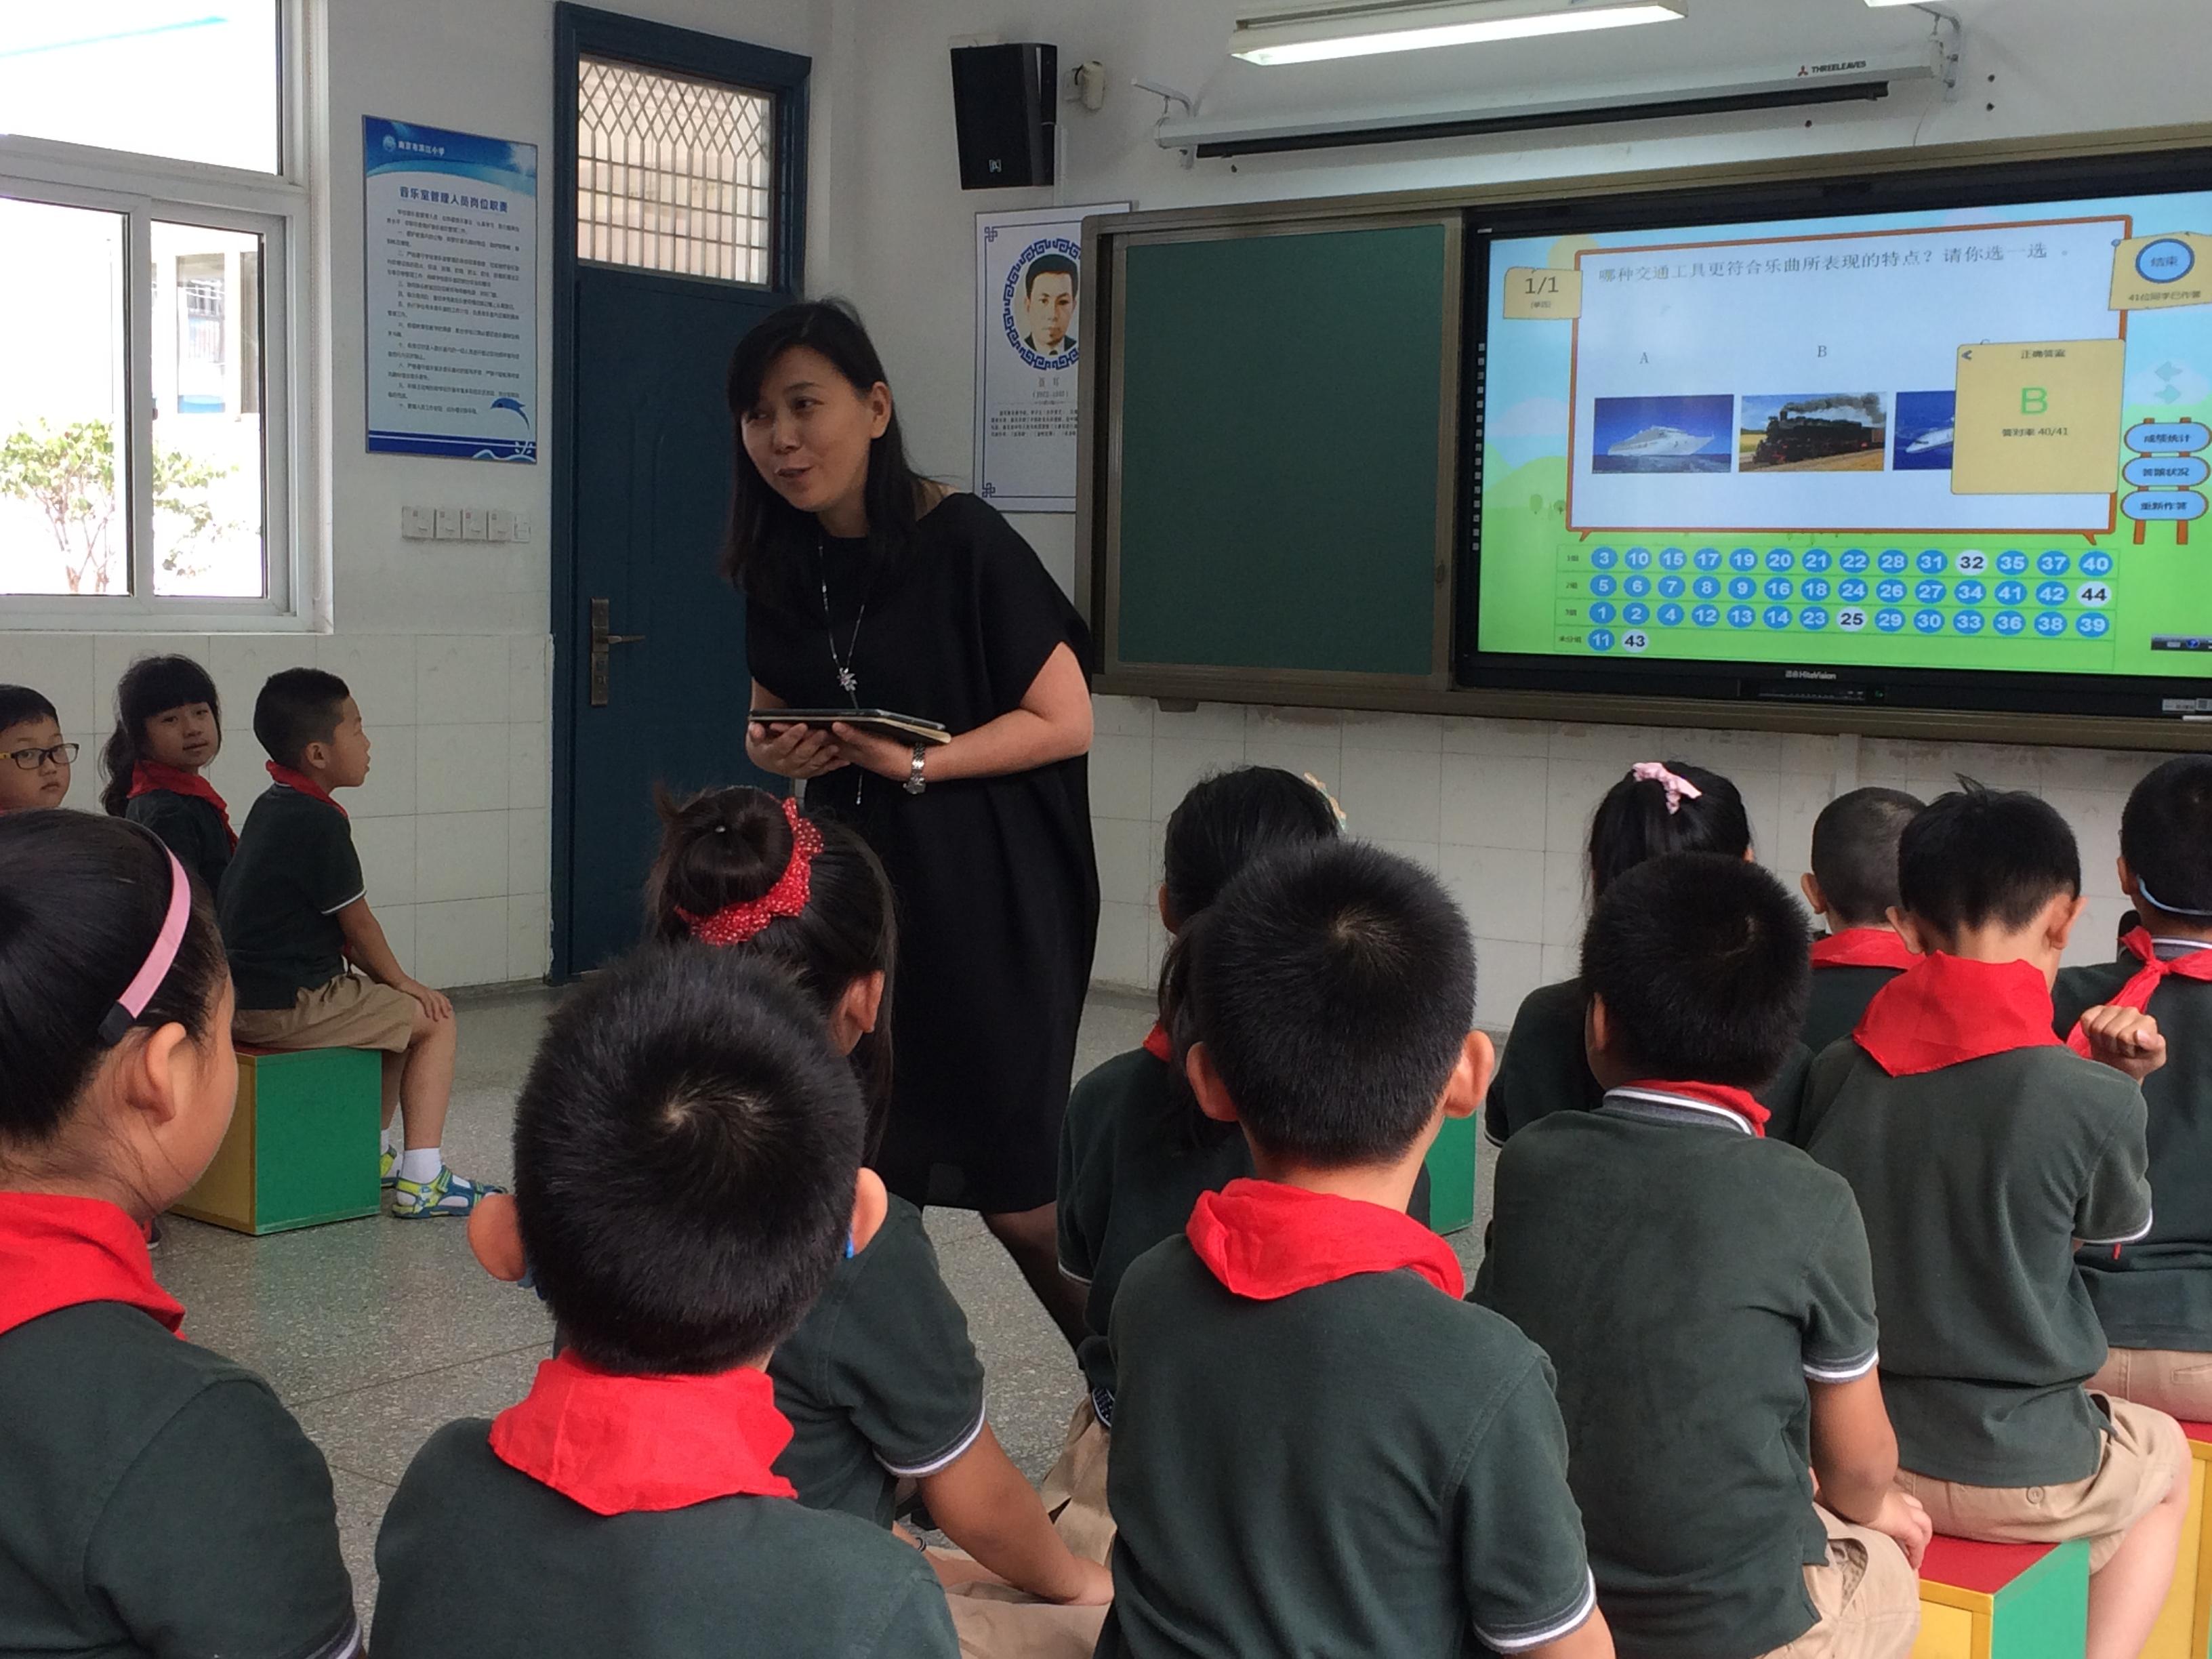 焦点智慧教室—课堂练习.JPG